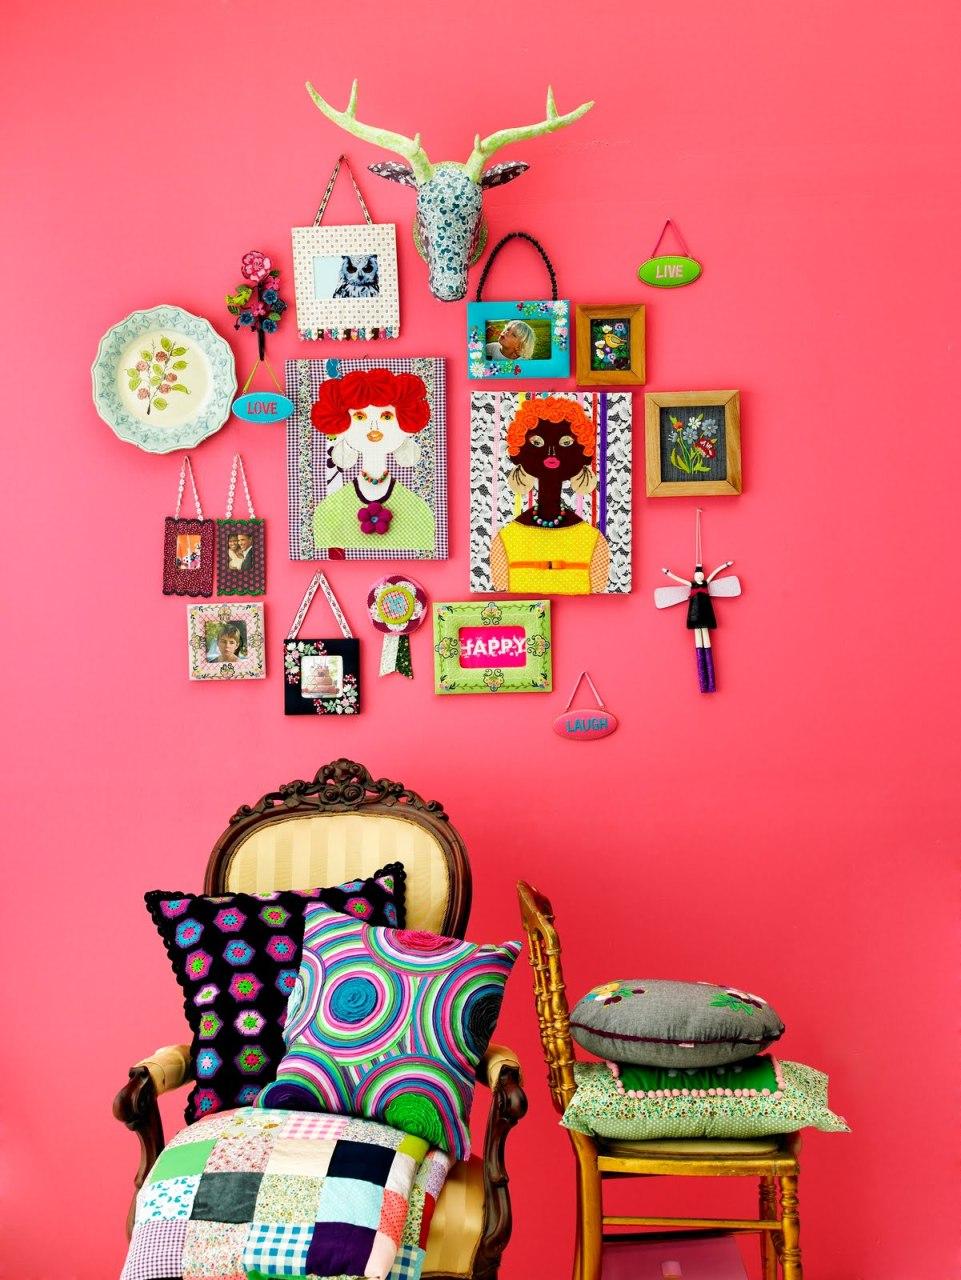 Фото 12- Сочный цвет стены создает яркое настроение